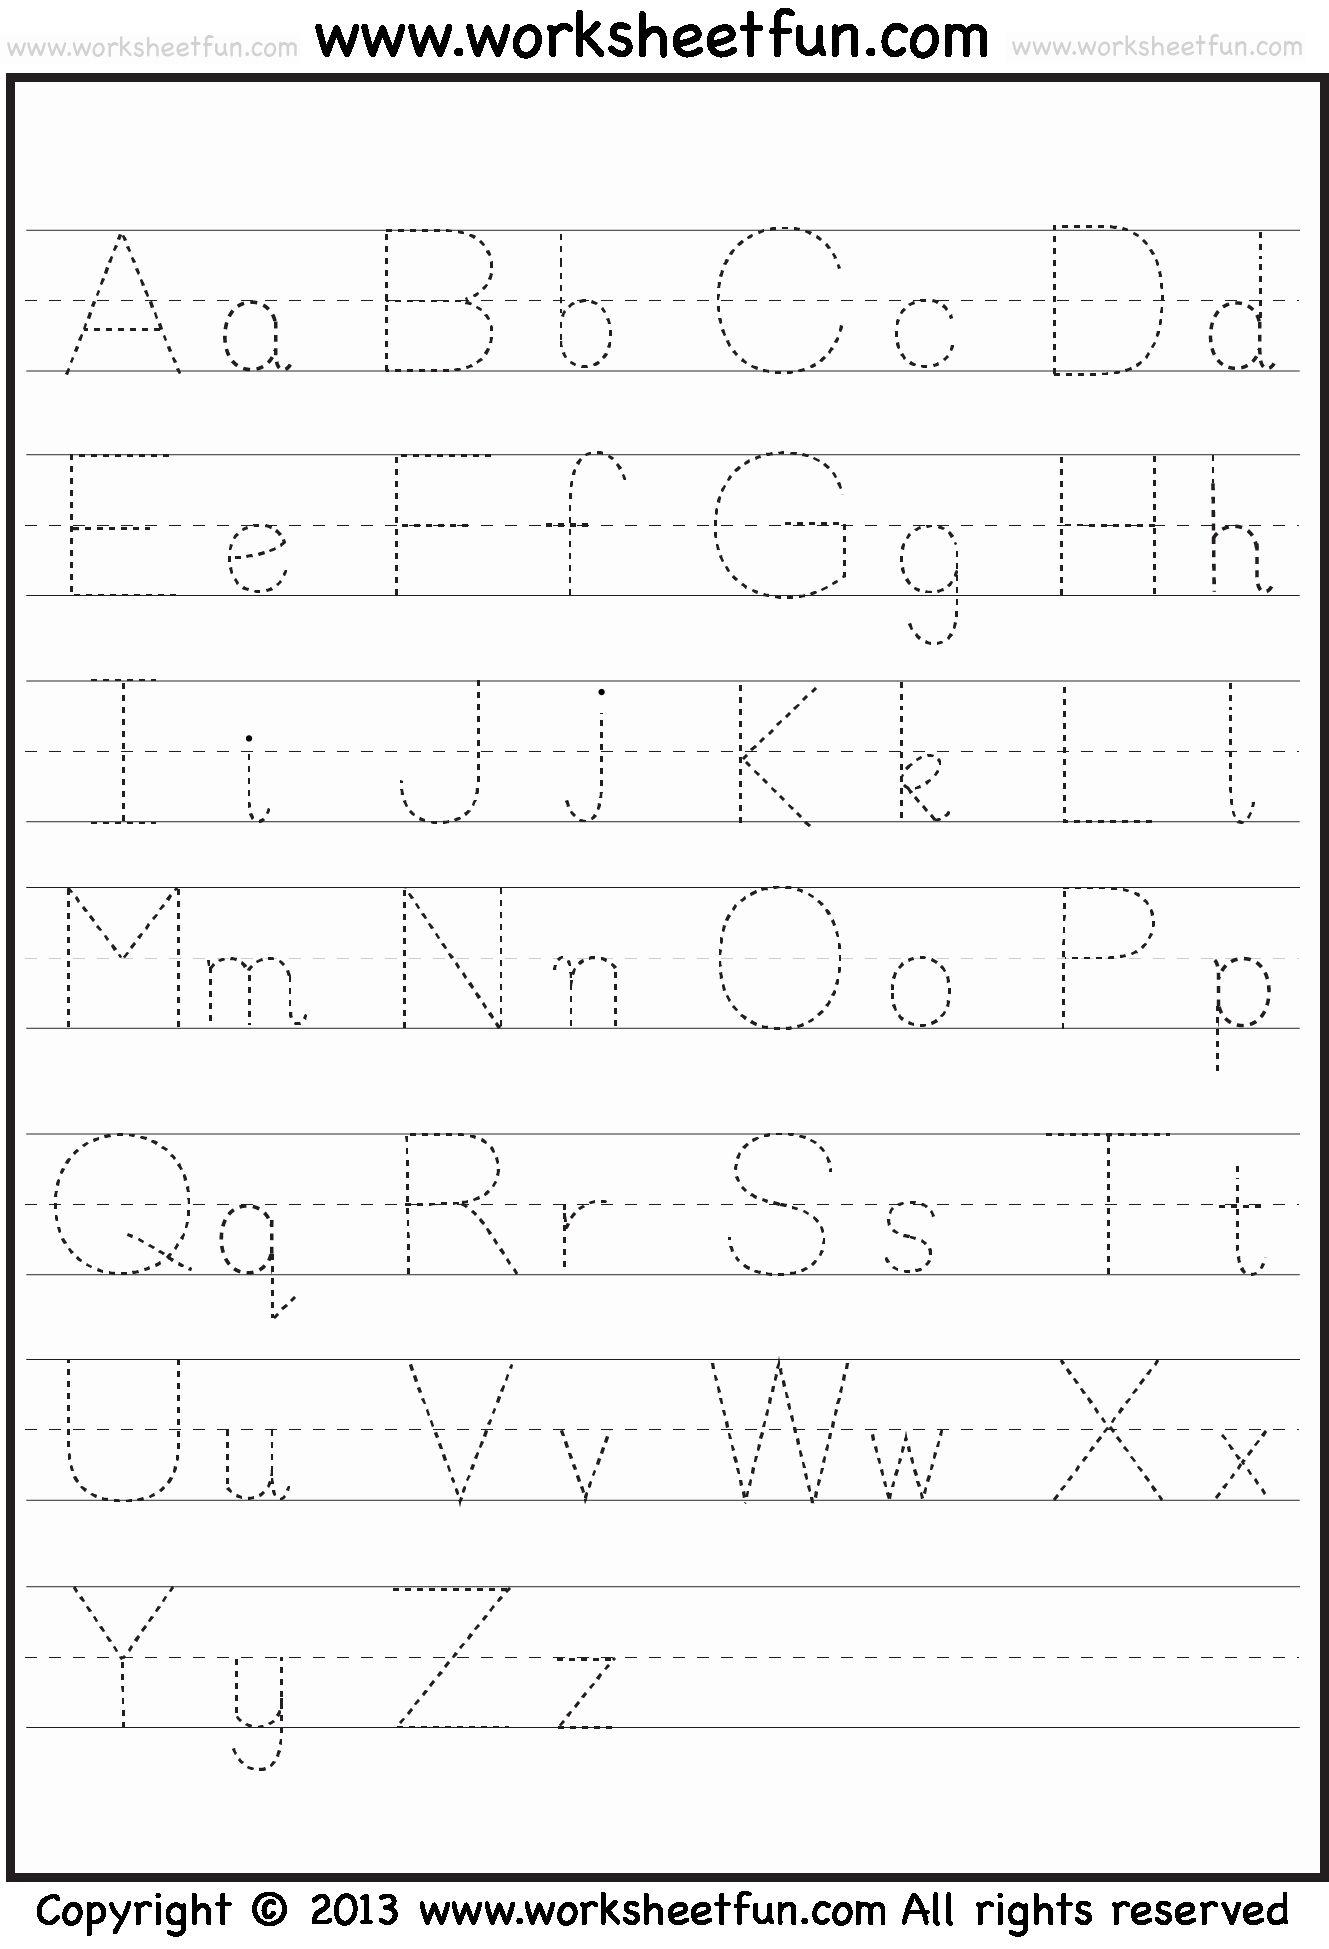 Handwriting Worksheets For Preschoolers In